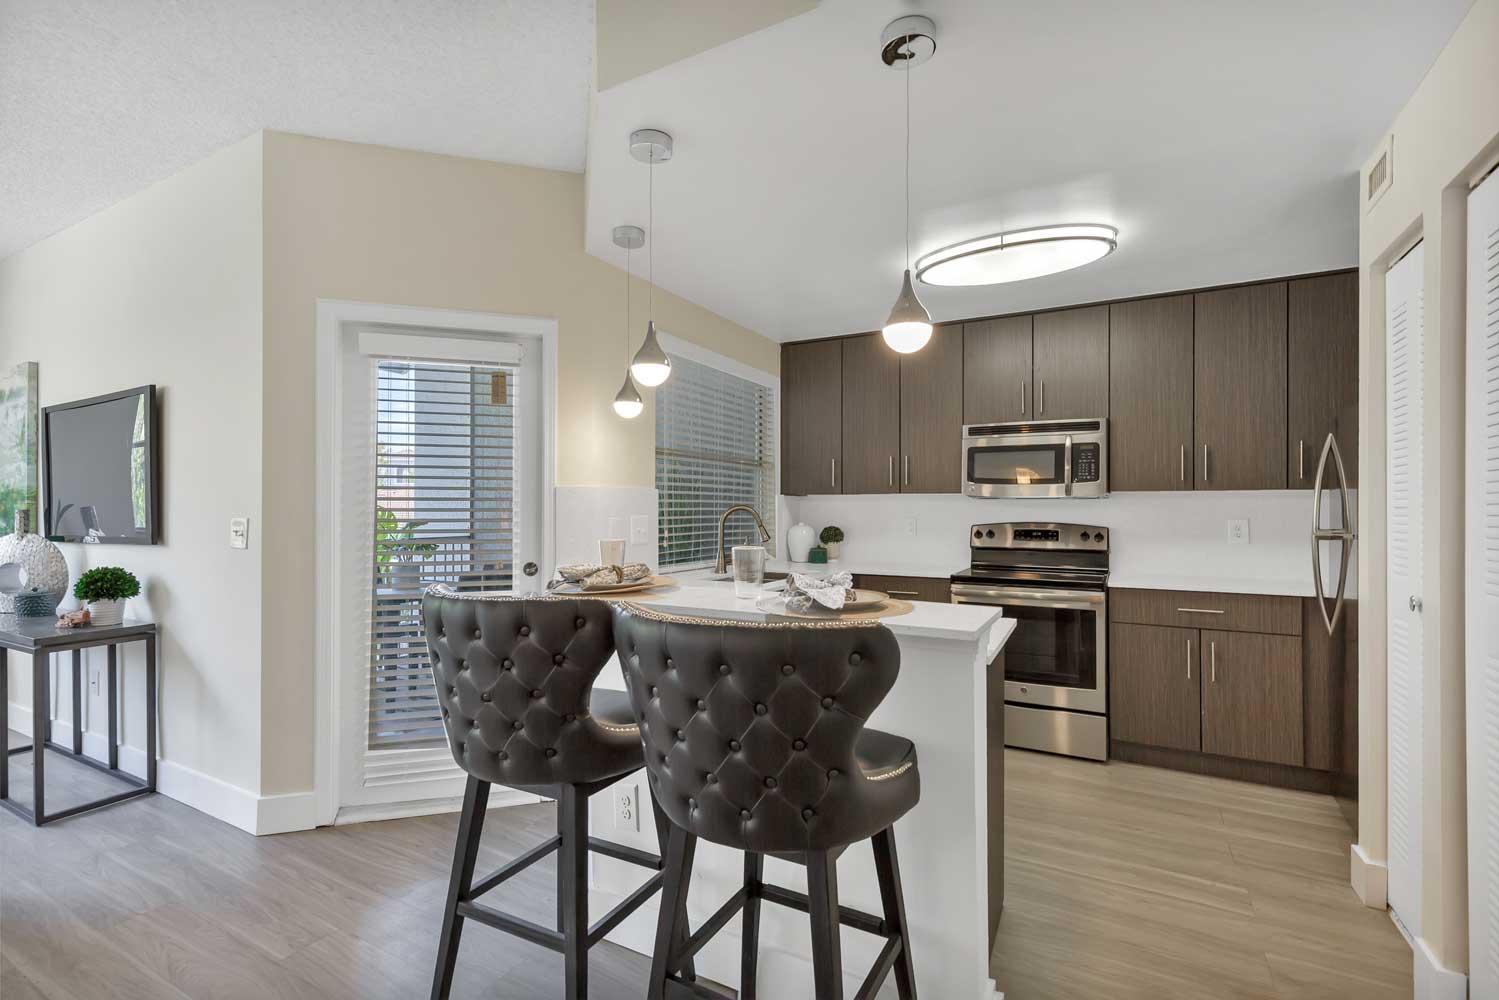 Kitchen Cabinets at New Castle Lake in Miami, FL